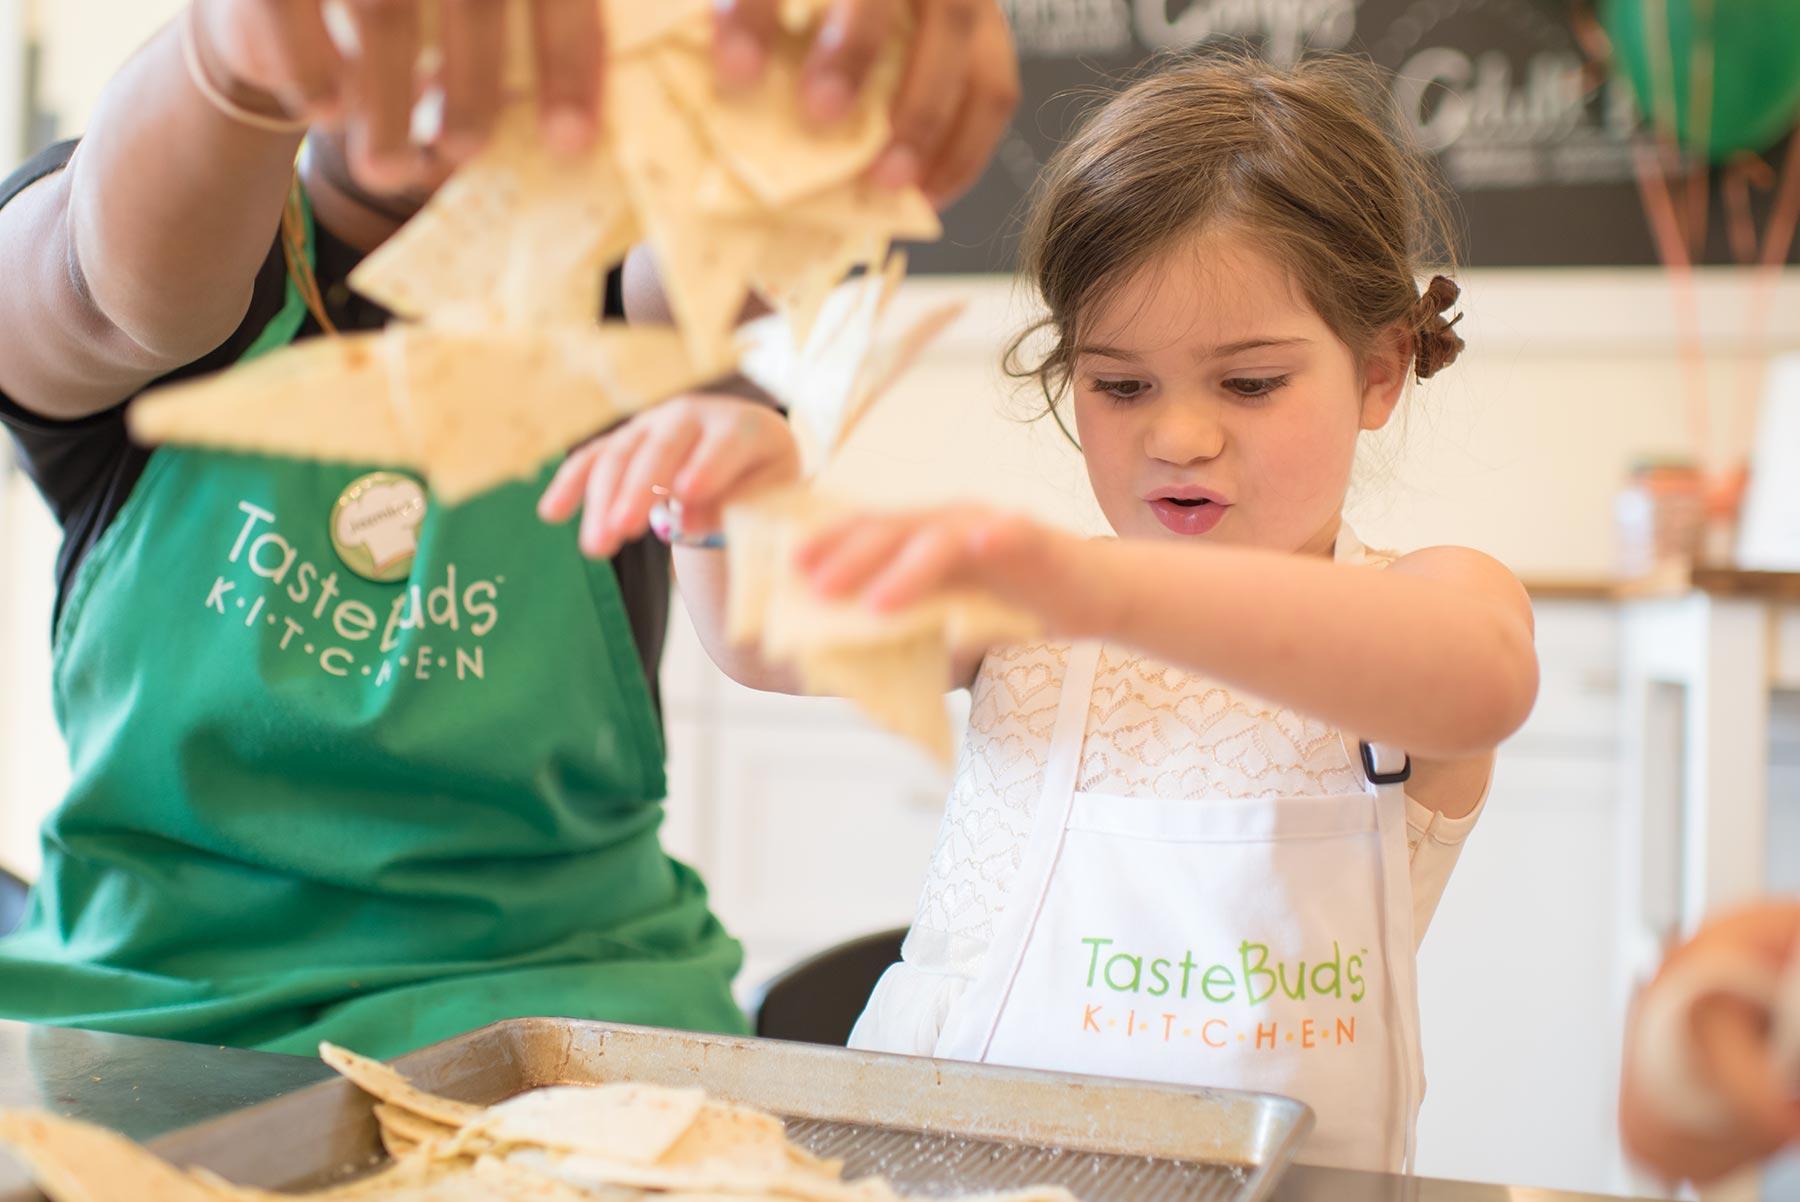 taste-buds-kitchen-kids-field-trip-header